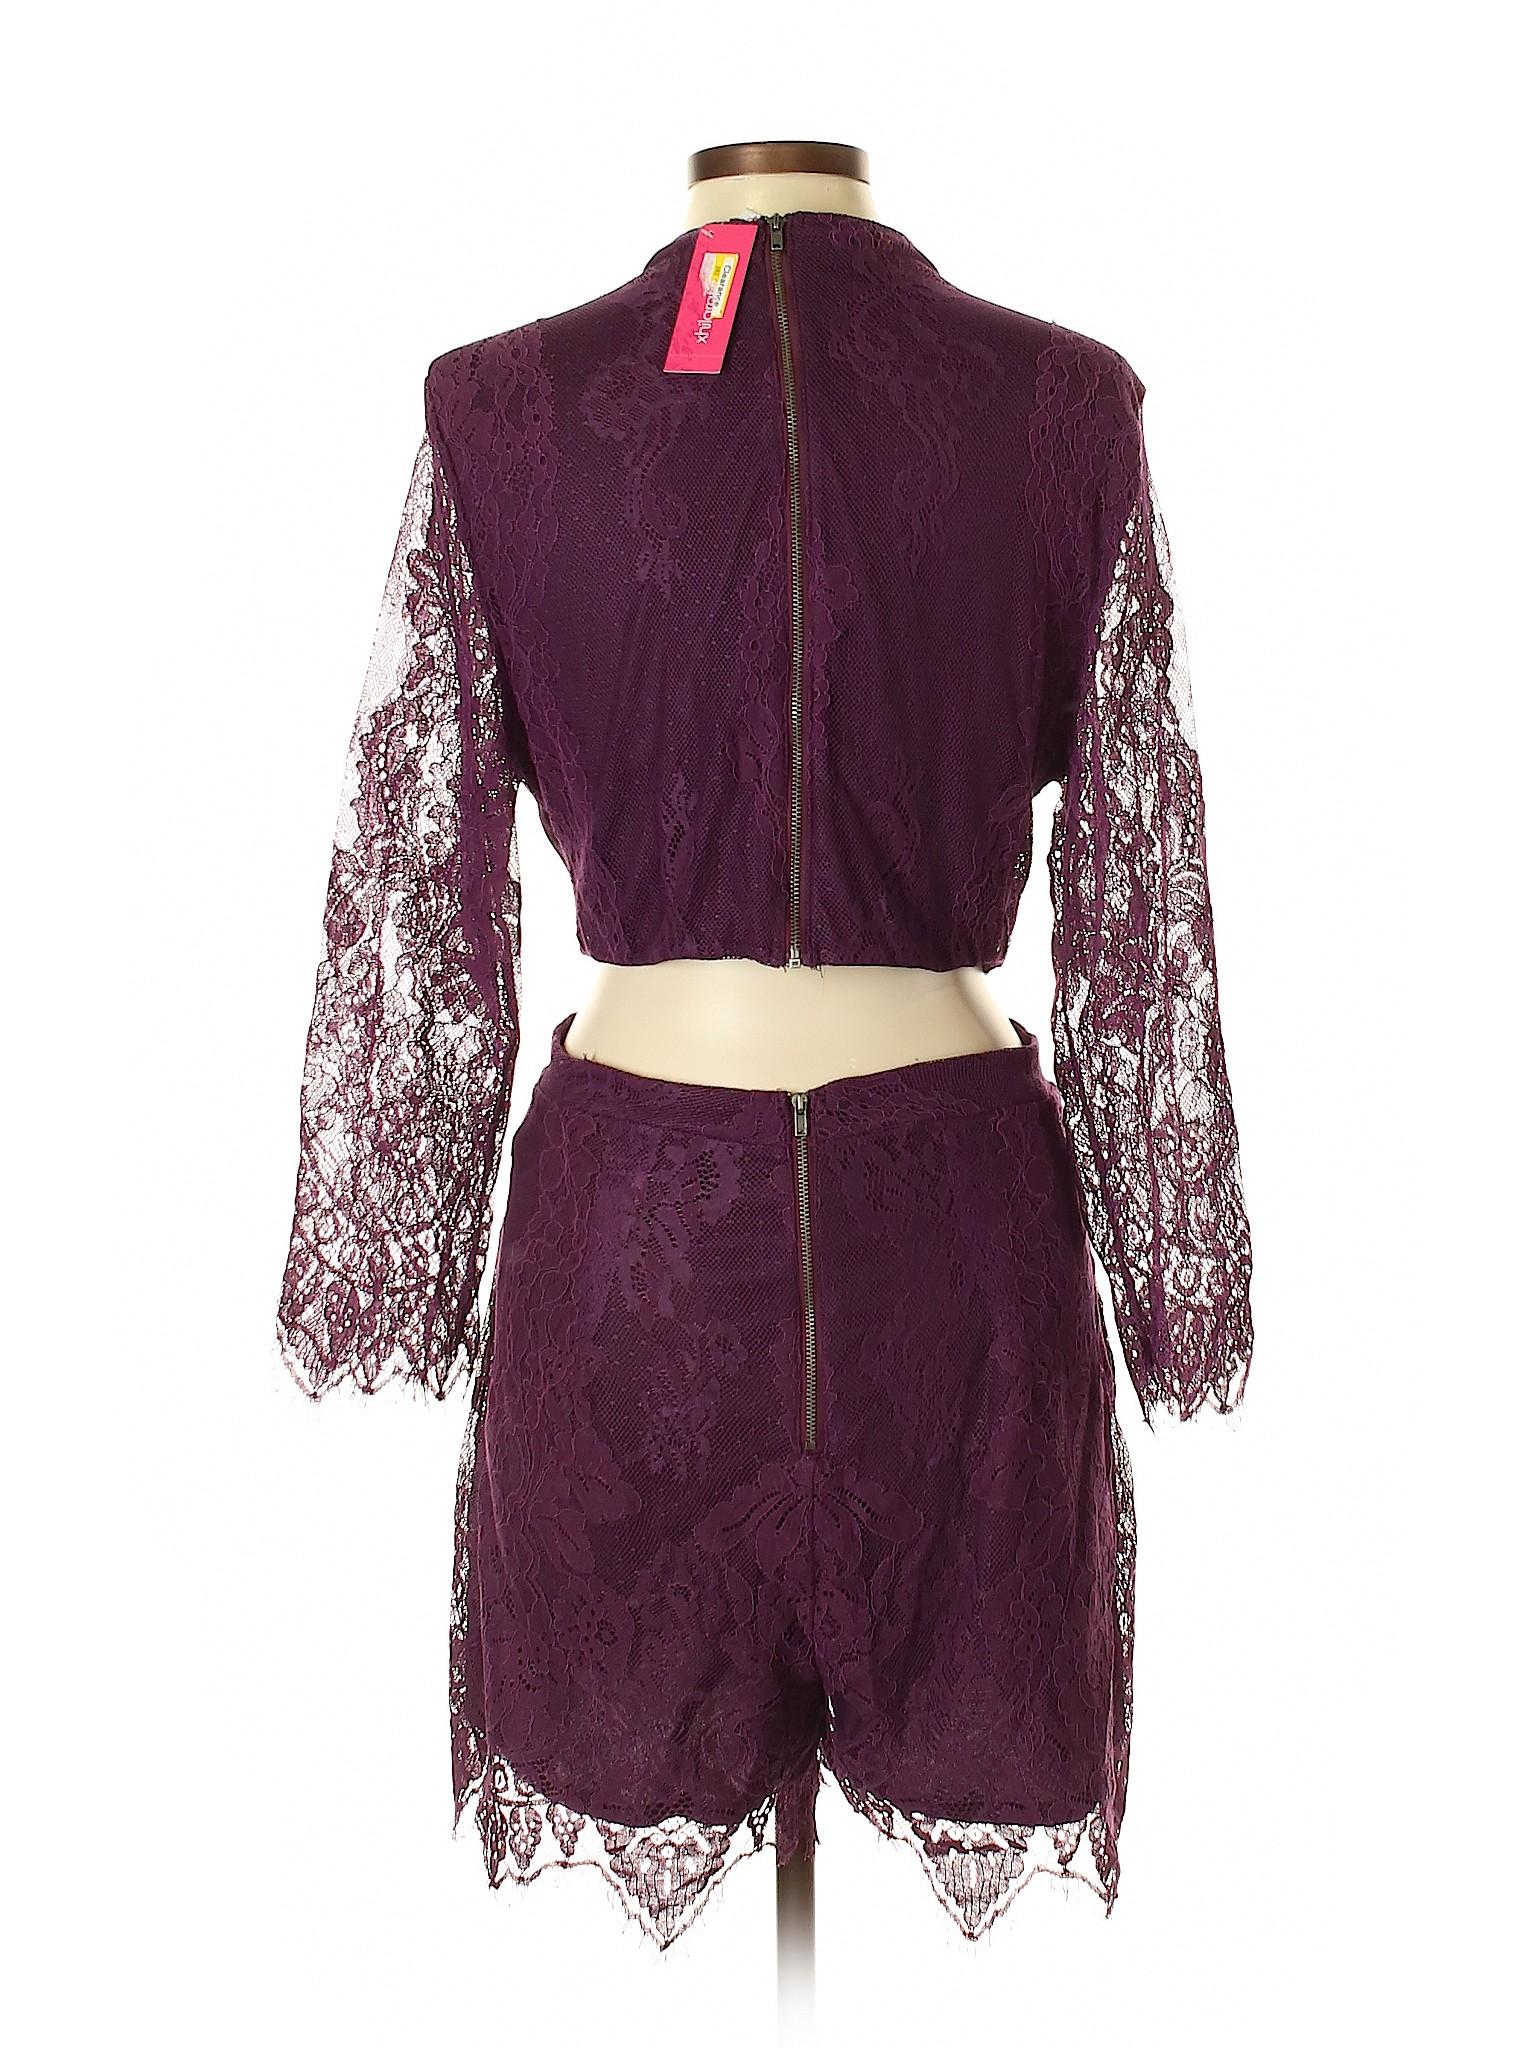 c33f8457dc3 Xhilaration Lace Dark Purple Romper Size L - 57% off